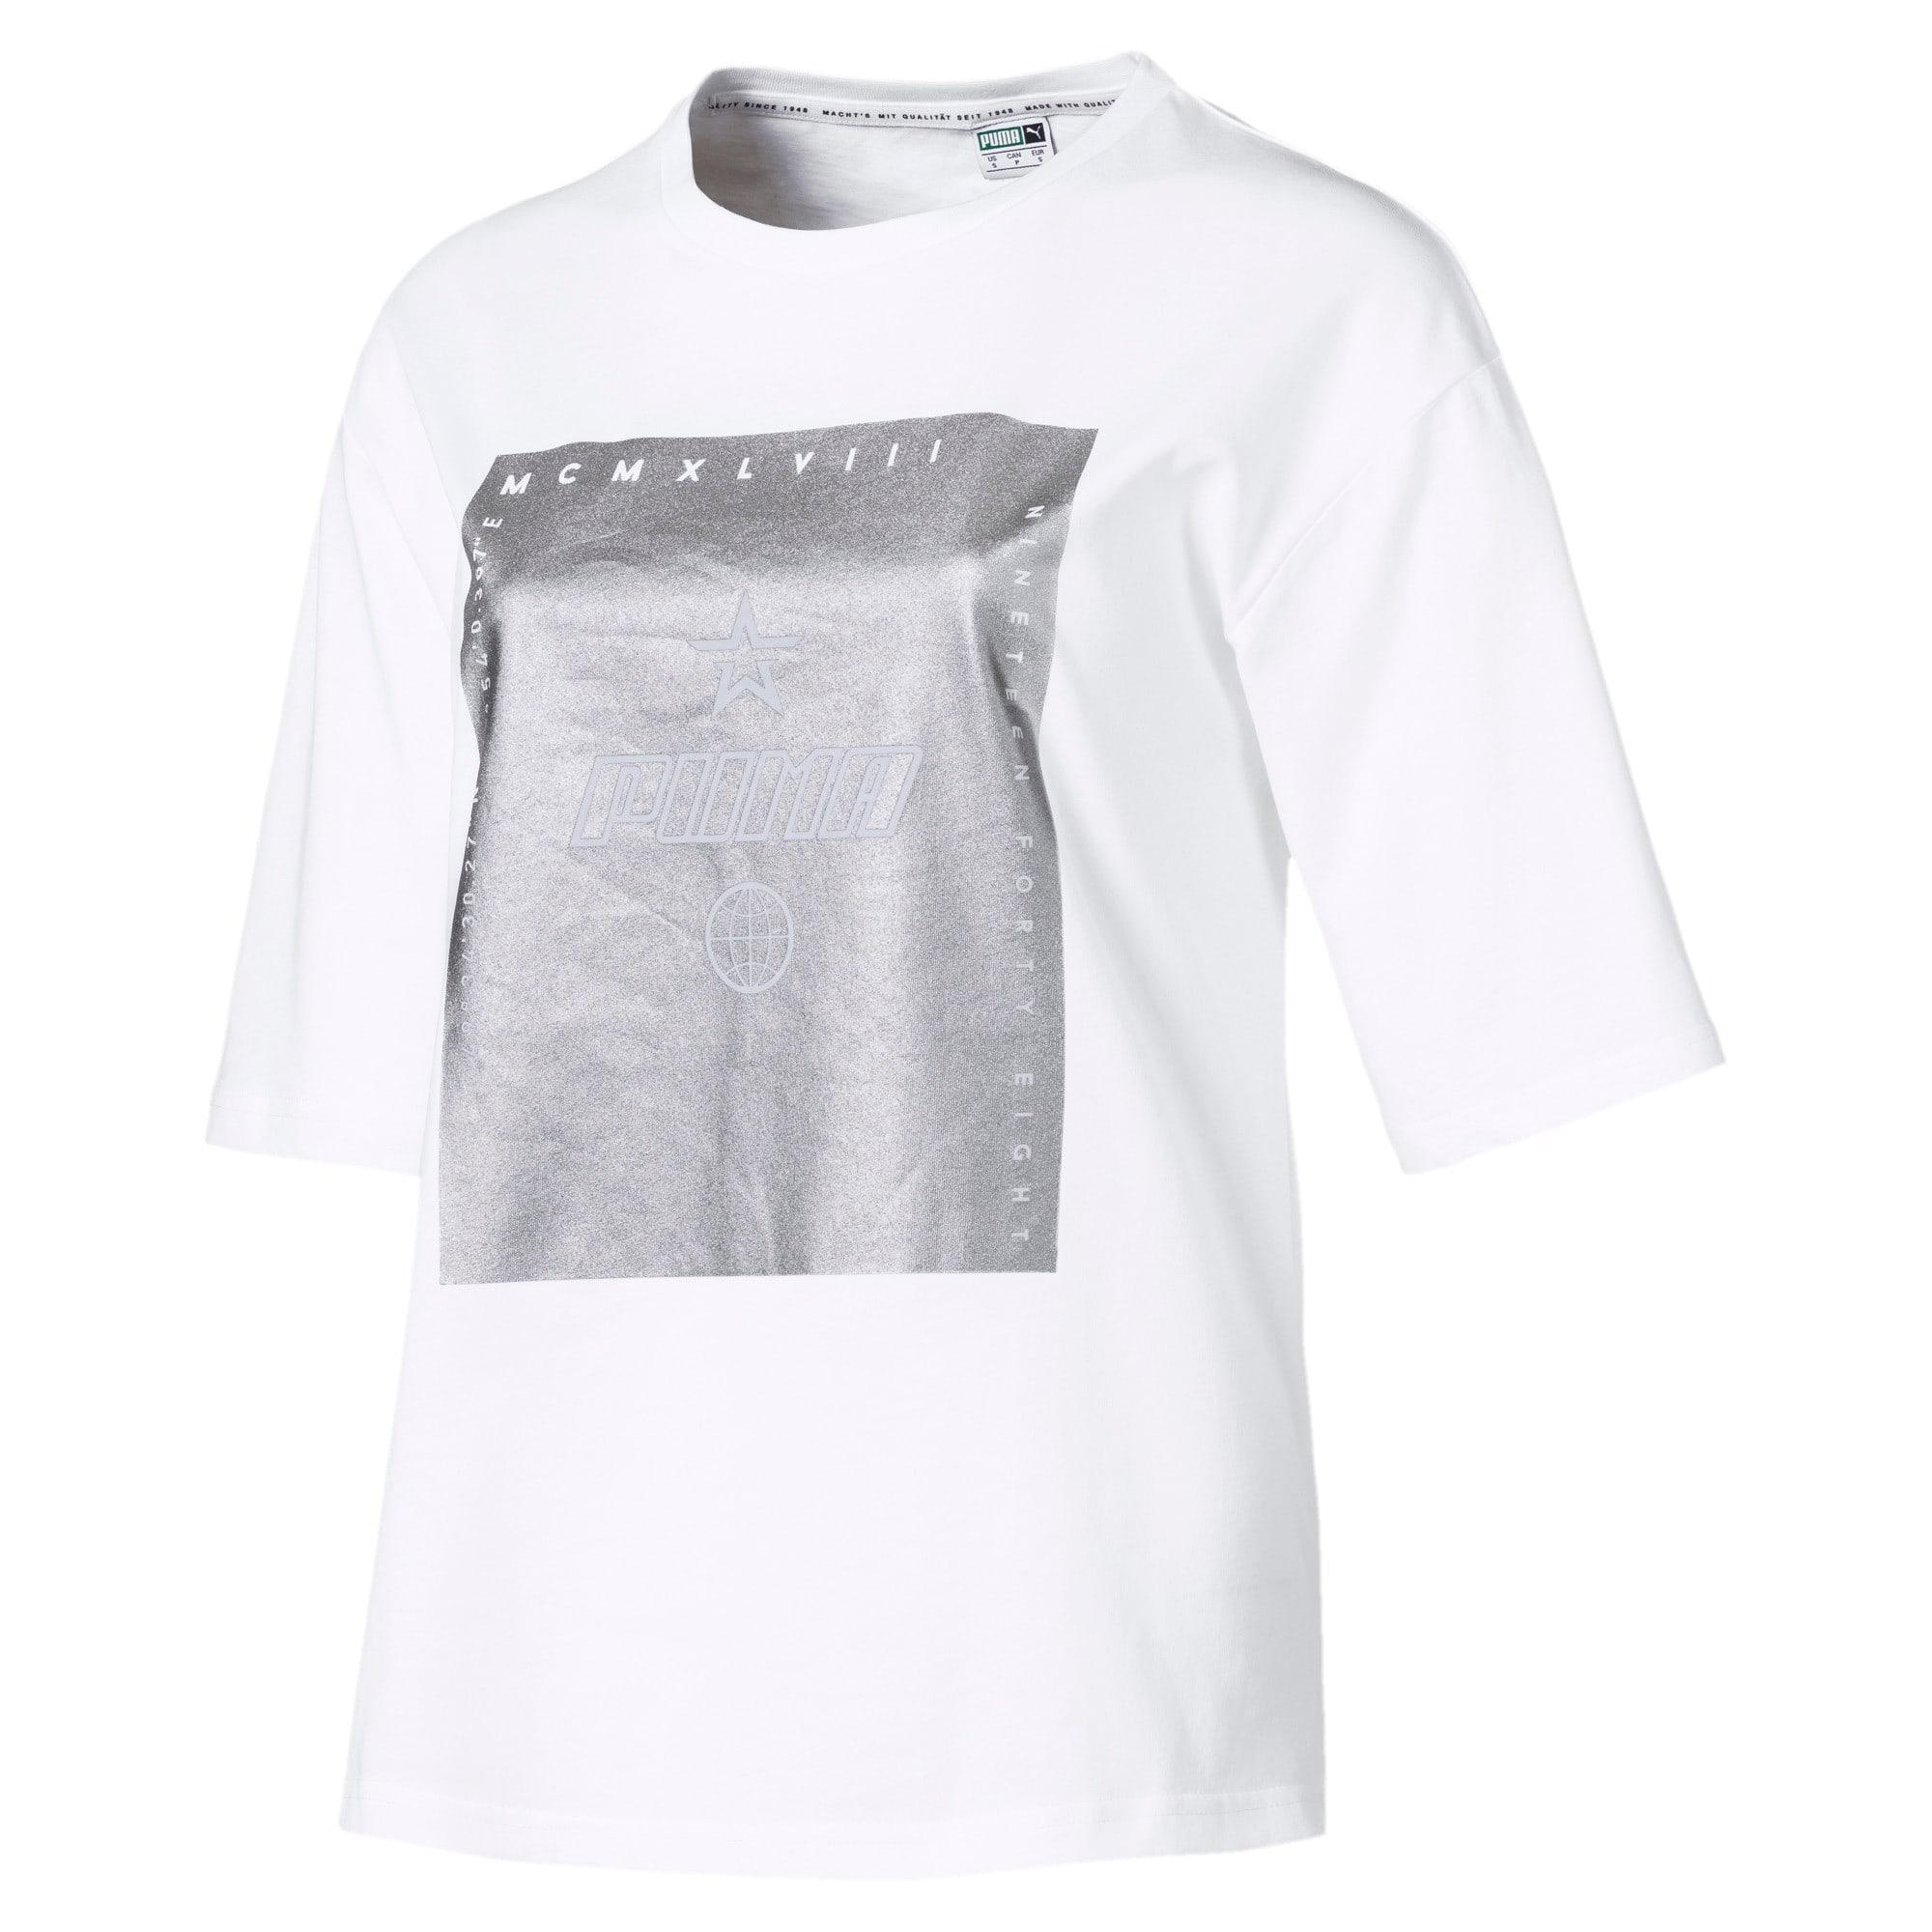 Miniatura 1 de Camiseta Trailblazer para mujer, Puma White, mediano